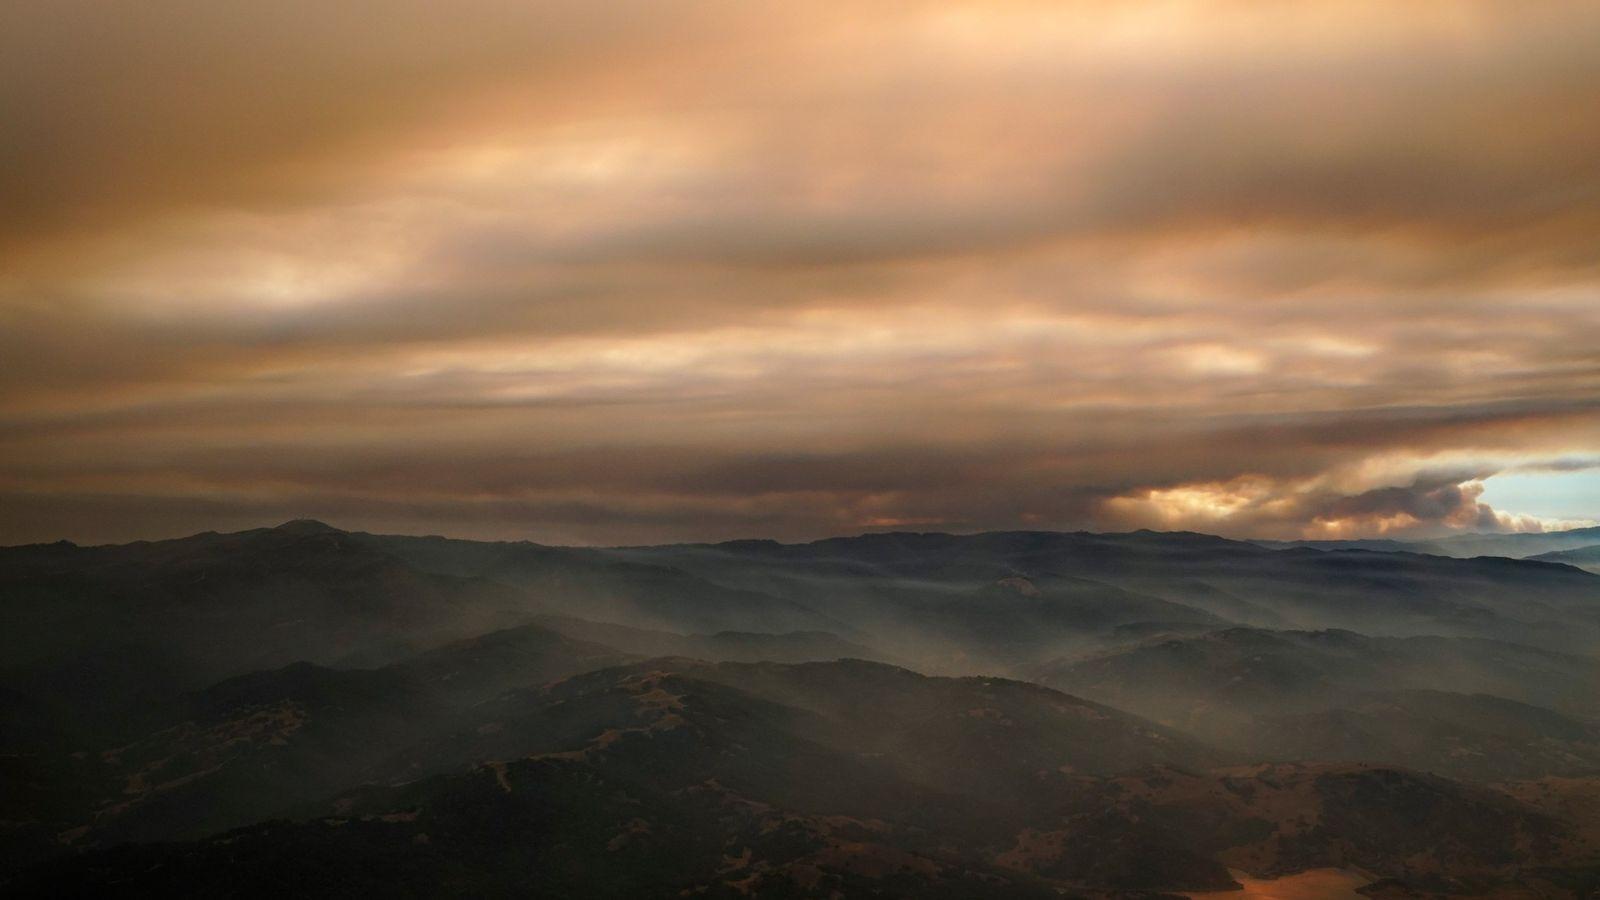 La fumée d'un incendie de forêt emplit l'air au-dessus de la Silicon Valley dans cette vue ...